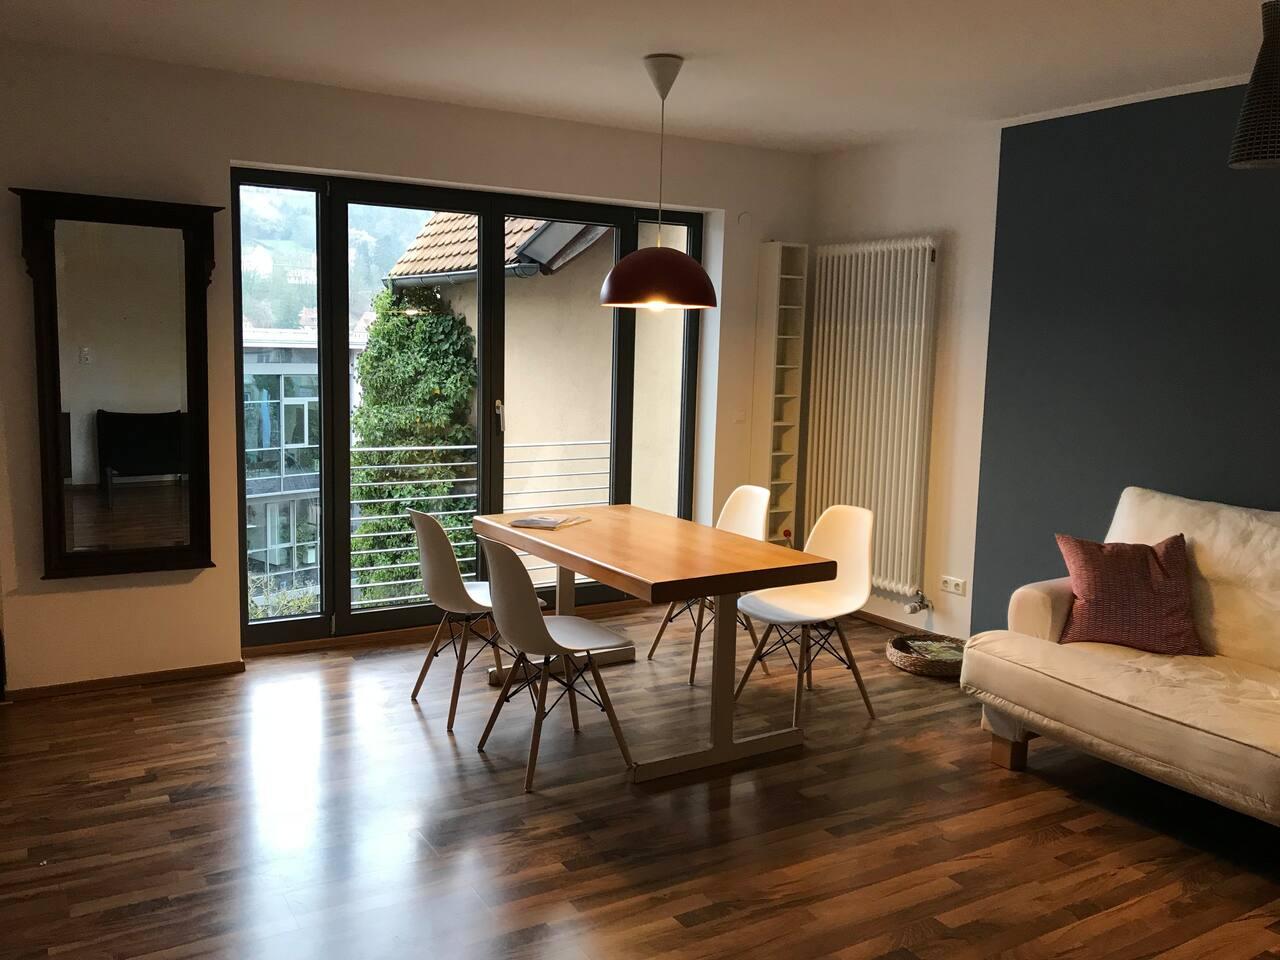 Das helle Wohn-/Esszimmer mit großer Verglasung nach Westen.